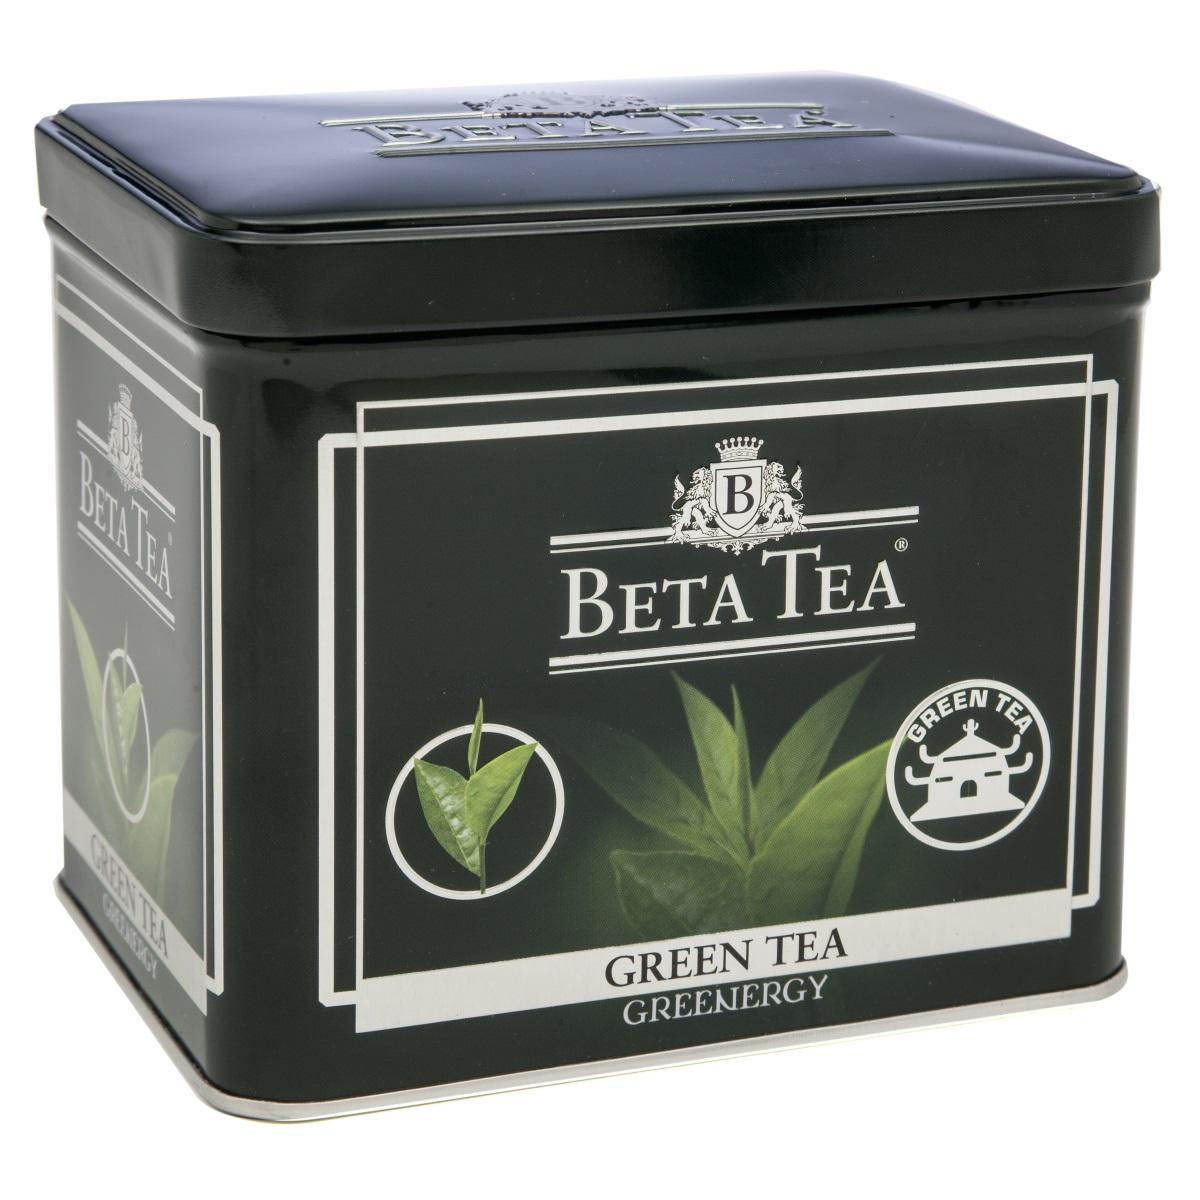 Beta Tea зеленый листовой чай, 100 г (жестяная банка)8690717005300Благодаря своим целебным свойствам зеленый чай Beta Tea занимает особое место в ассортименте компании. Основная задача при производстве этого сорта состоит в том, чтобы сохранить лечебные природные биологически активные вещества свежих листьев таким образом, чтобы они смогли высвободиться во время заваривания.